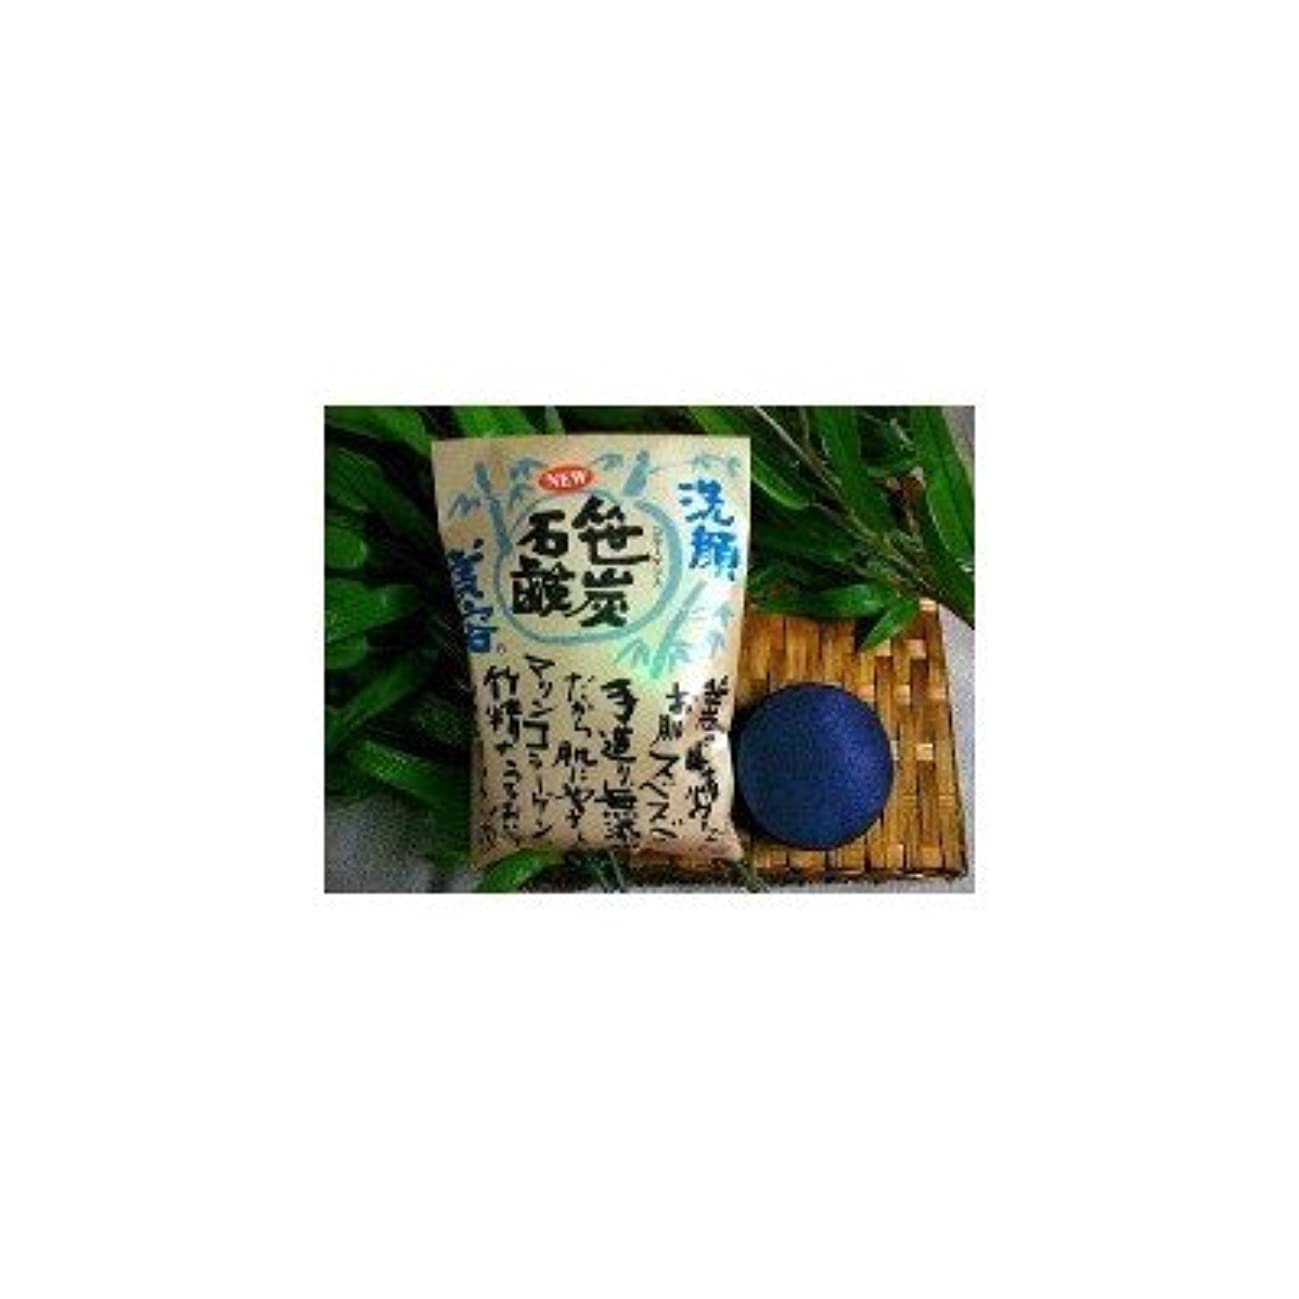 委託親原始的な吸着力に優れミネラルを豊富に含む 笹の炭 を使用 コラーゲン入り 笹炭洗顔石鹸 100g